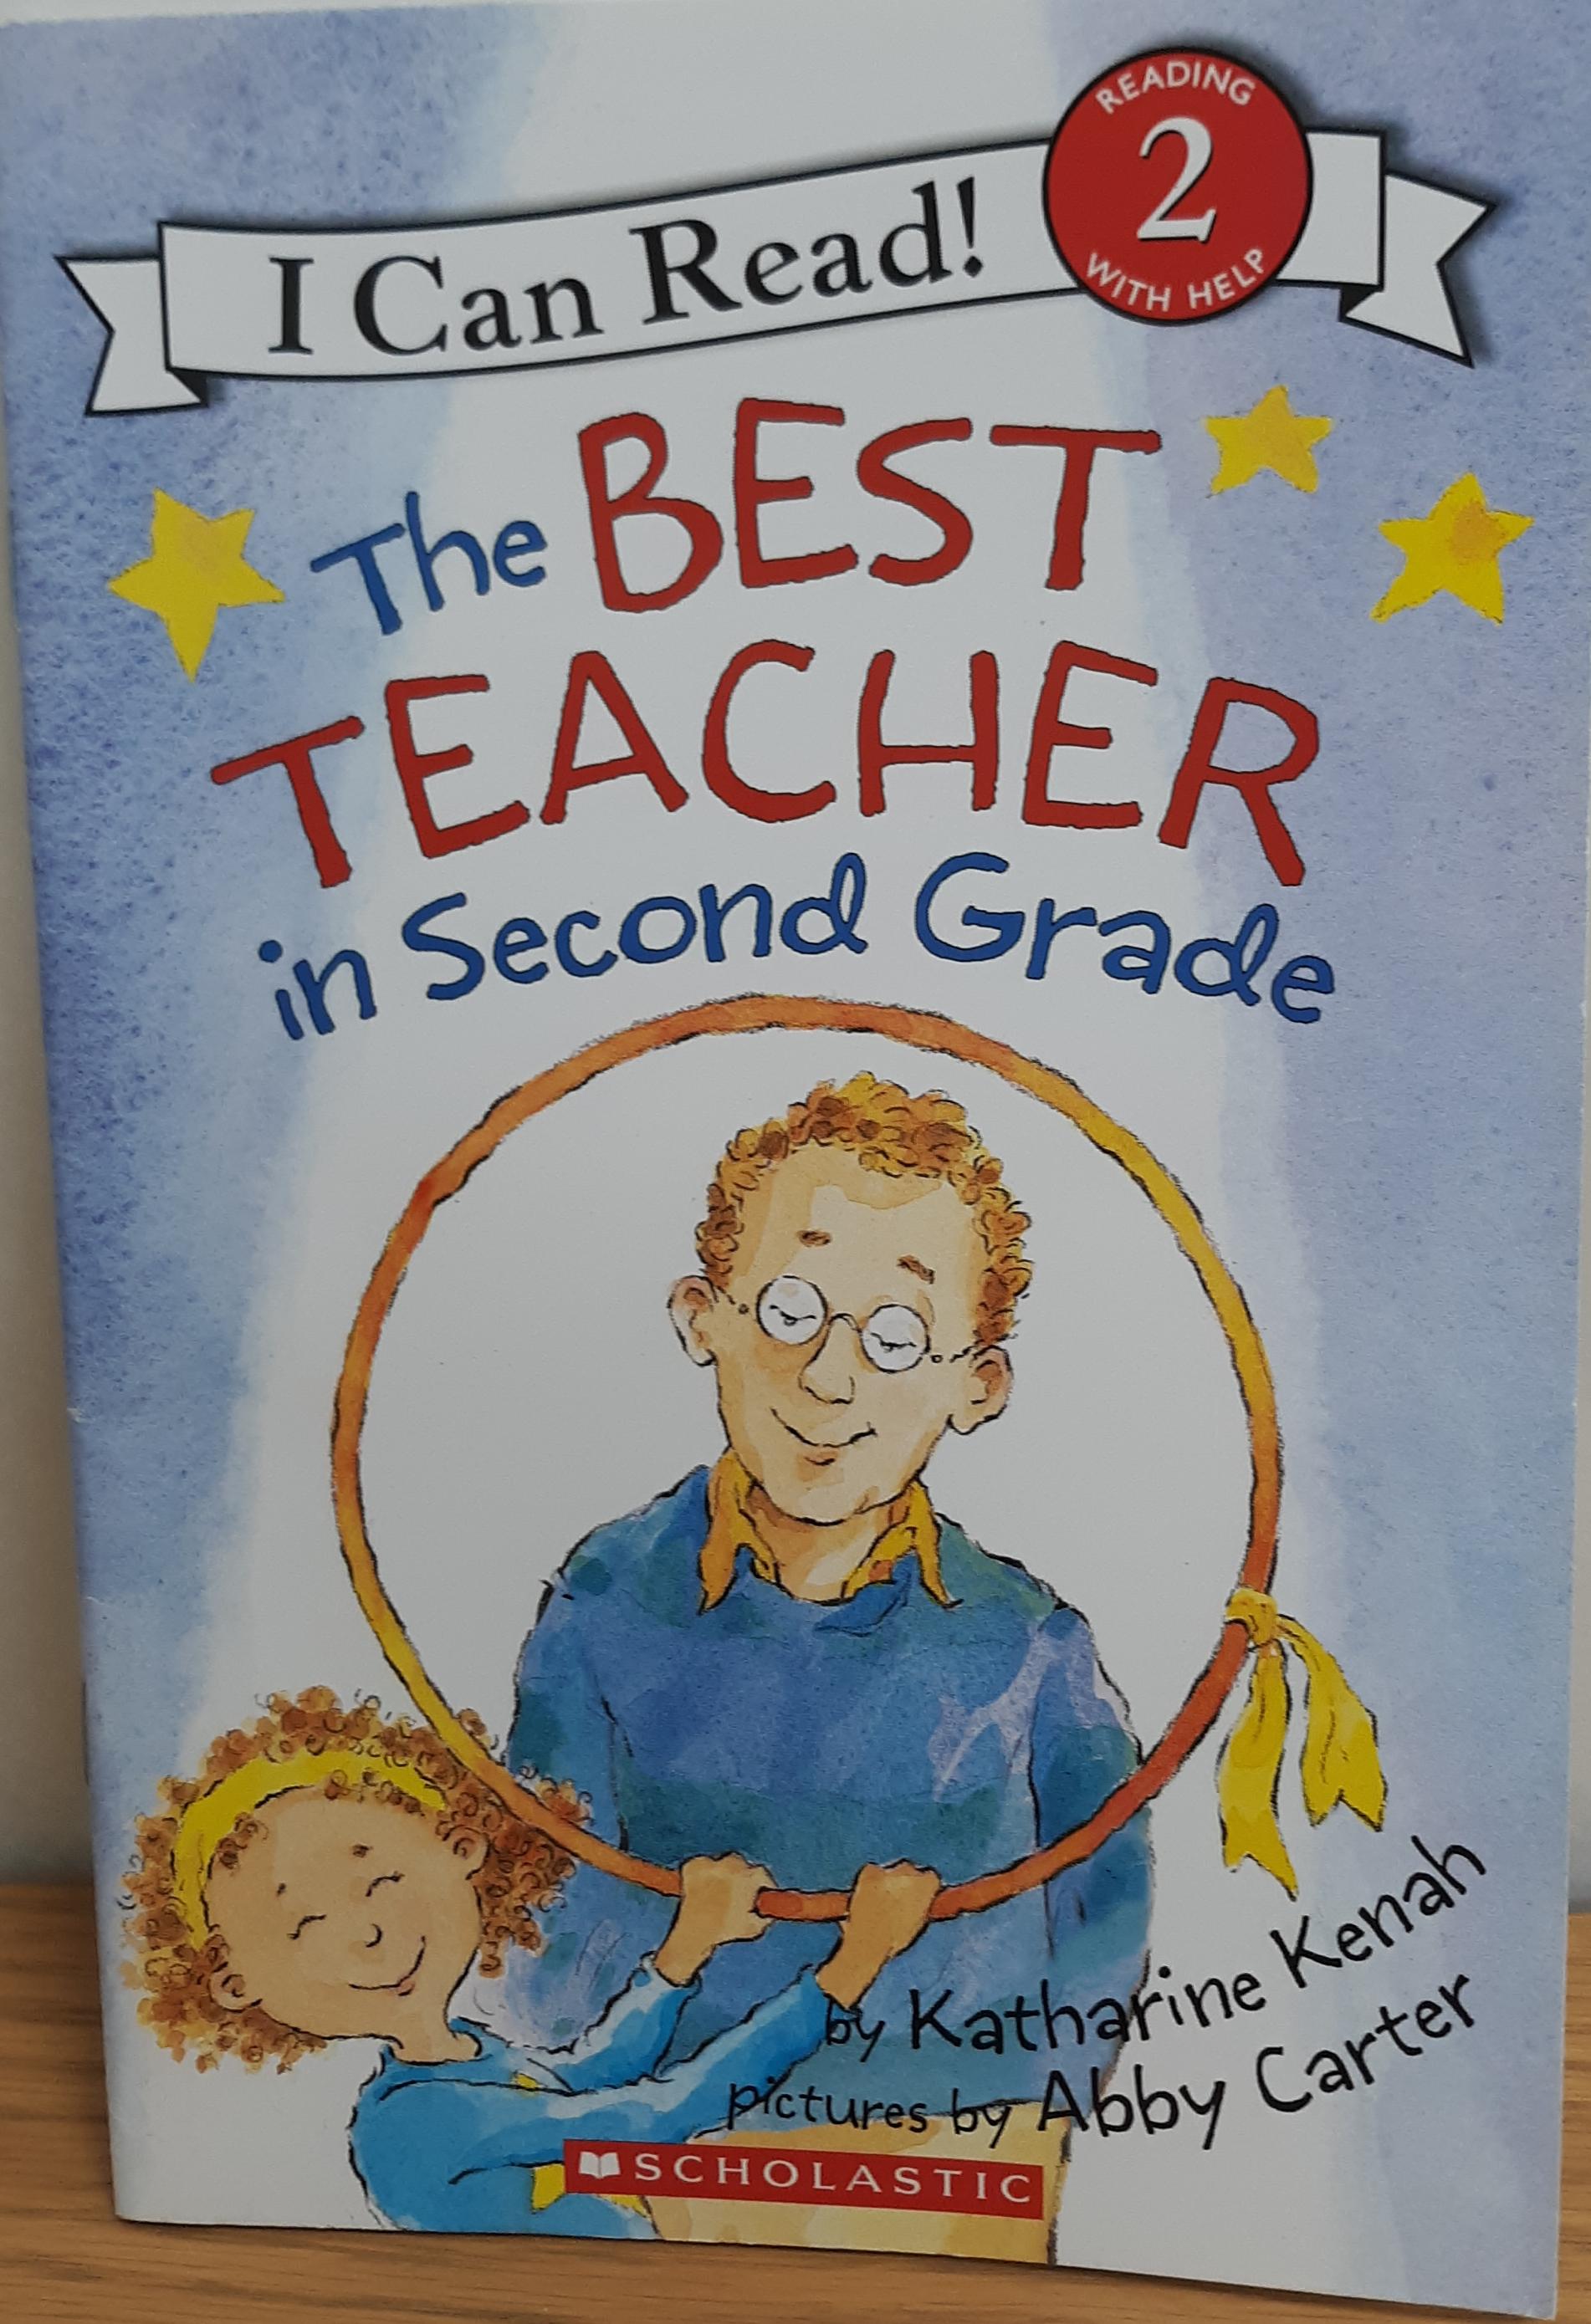 https://0201.nccdn.net/4_2/000/000/053/0e8/the-best-teacher-in-second-grade.png